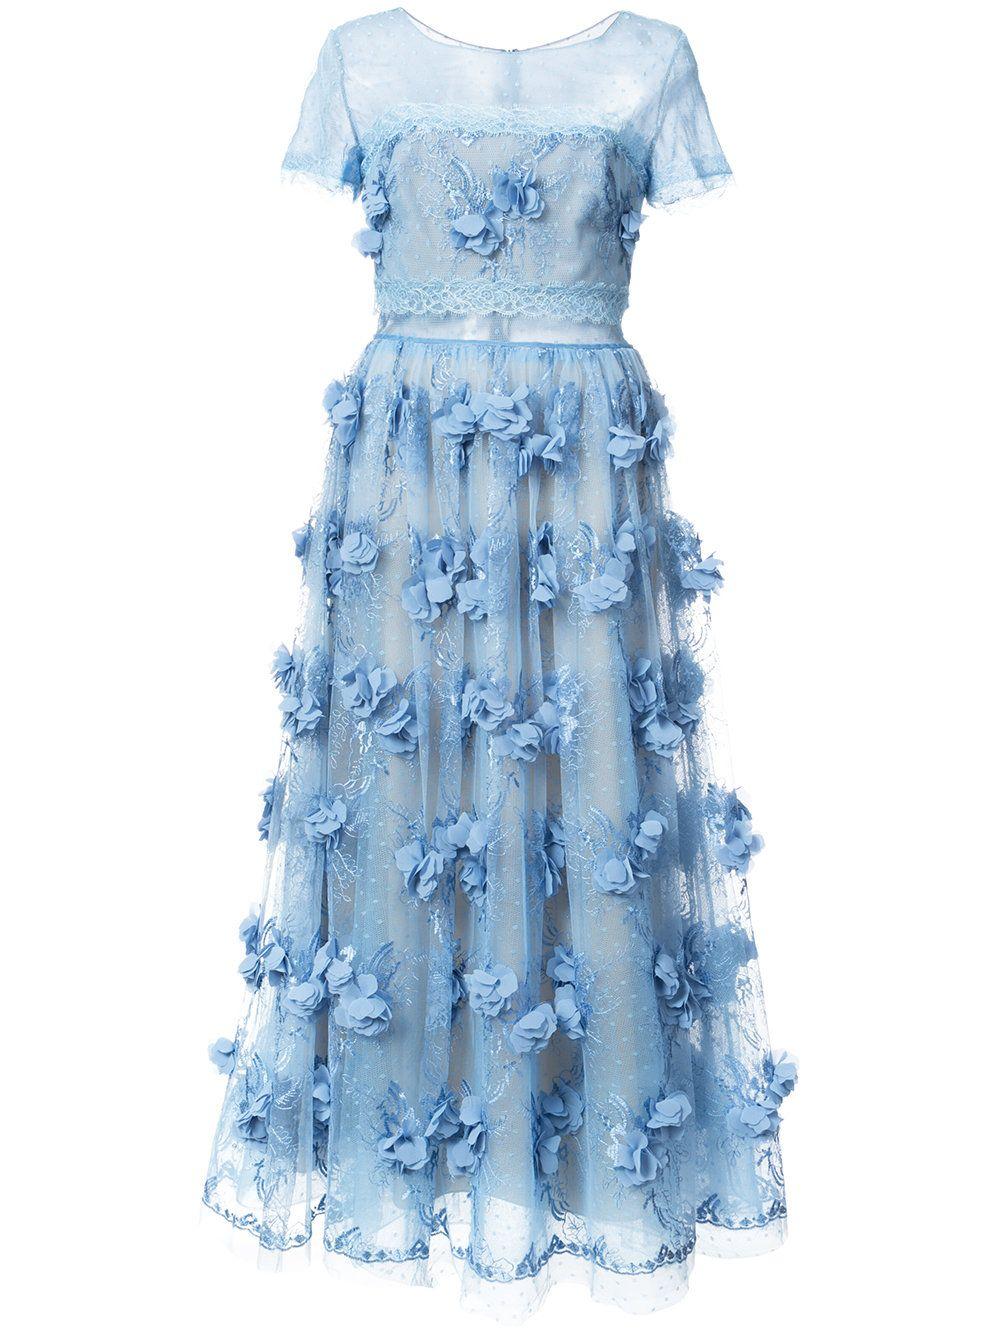 Marchesa notte vestido de festa floral marchesa dress blues and